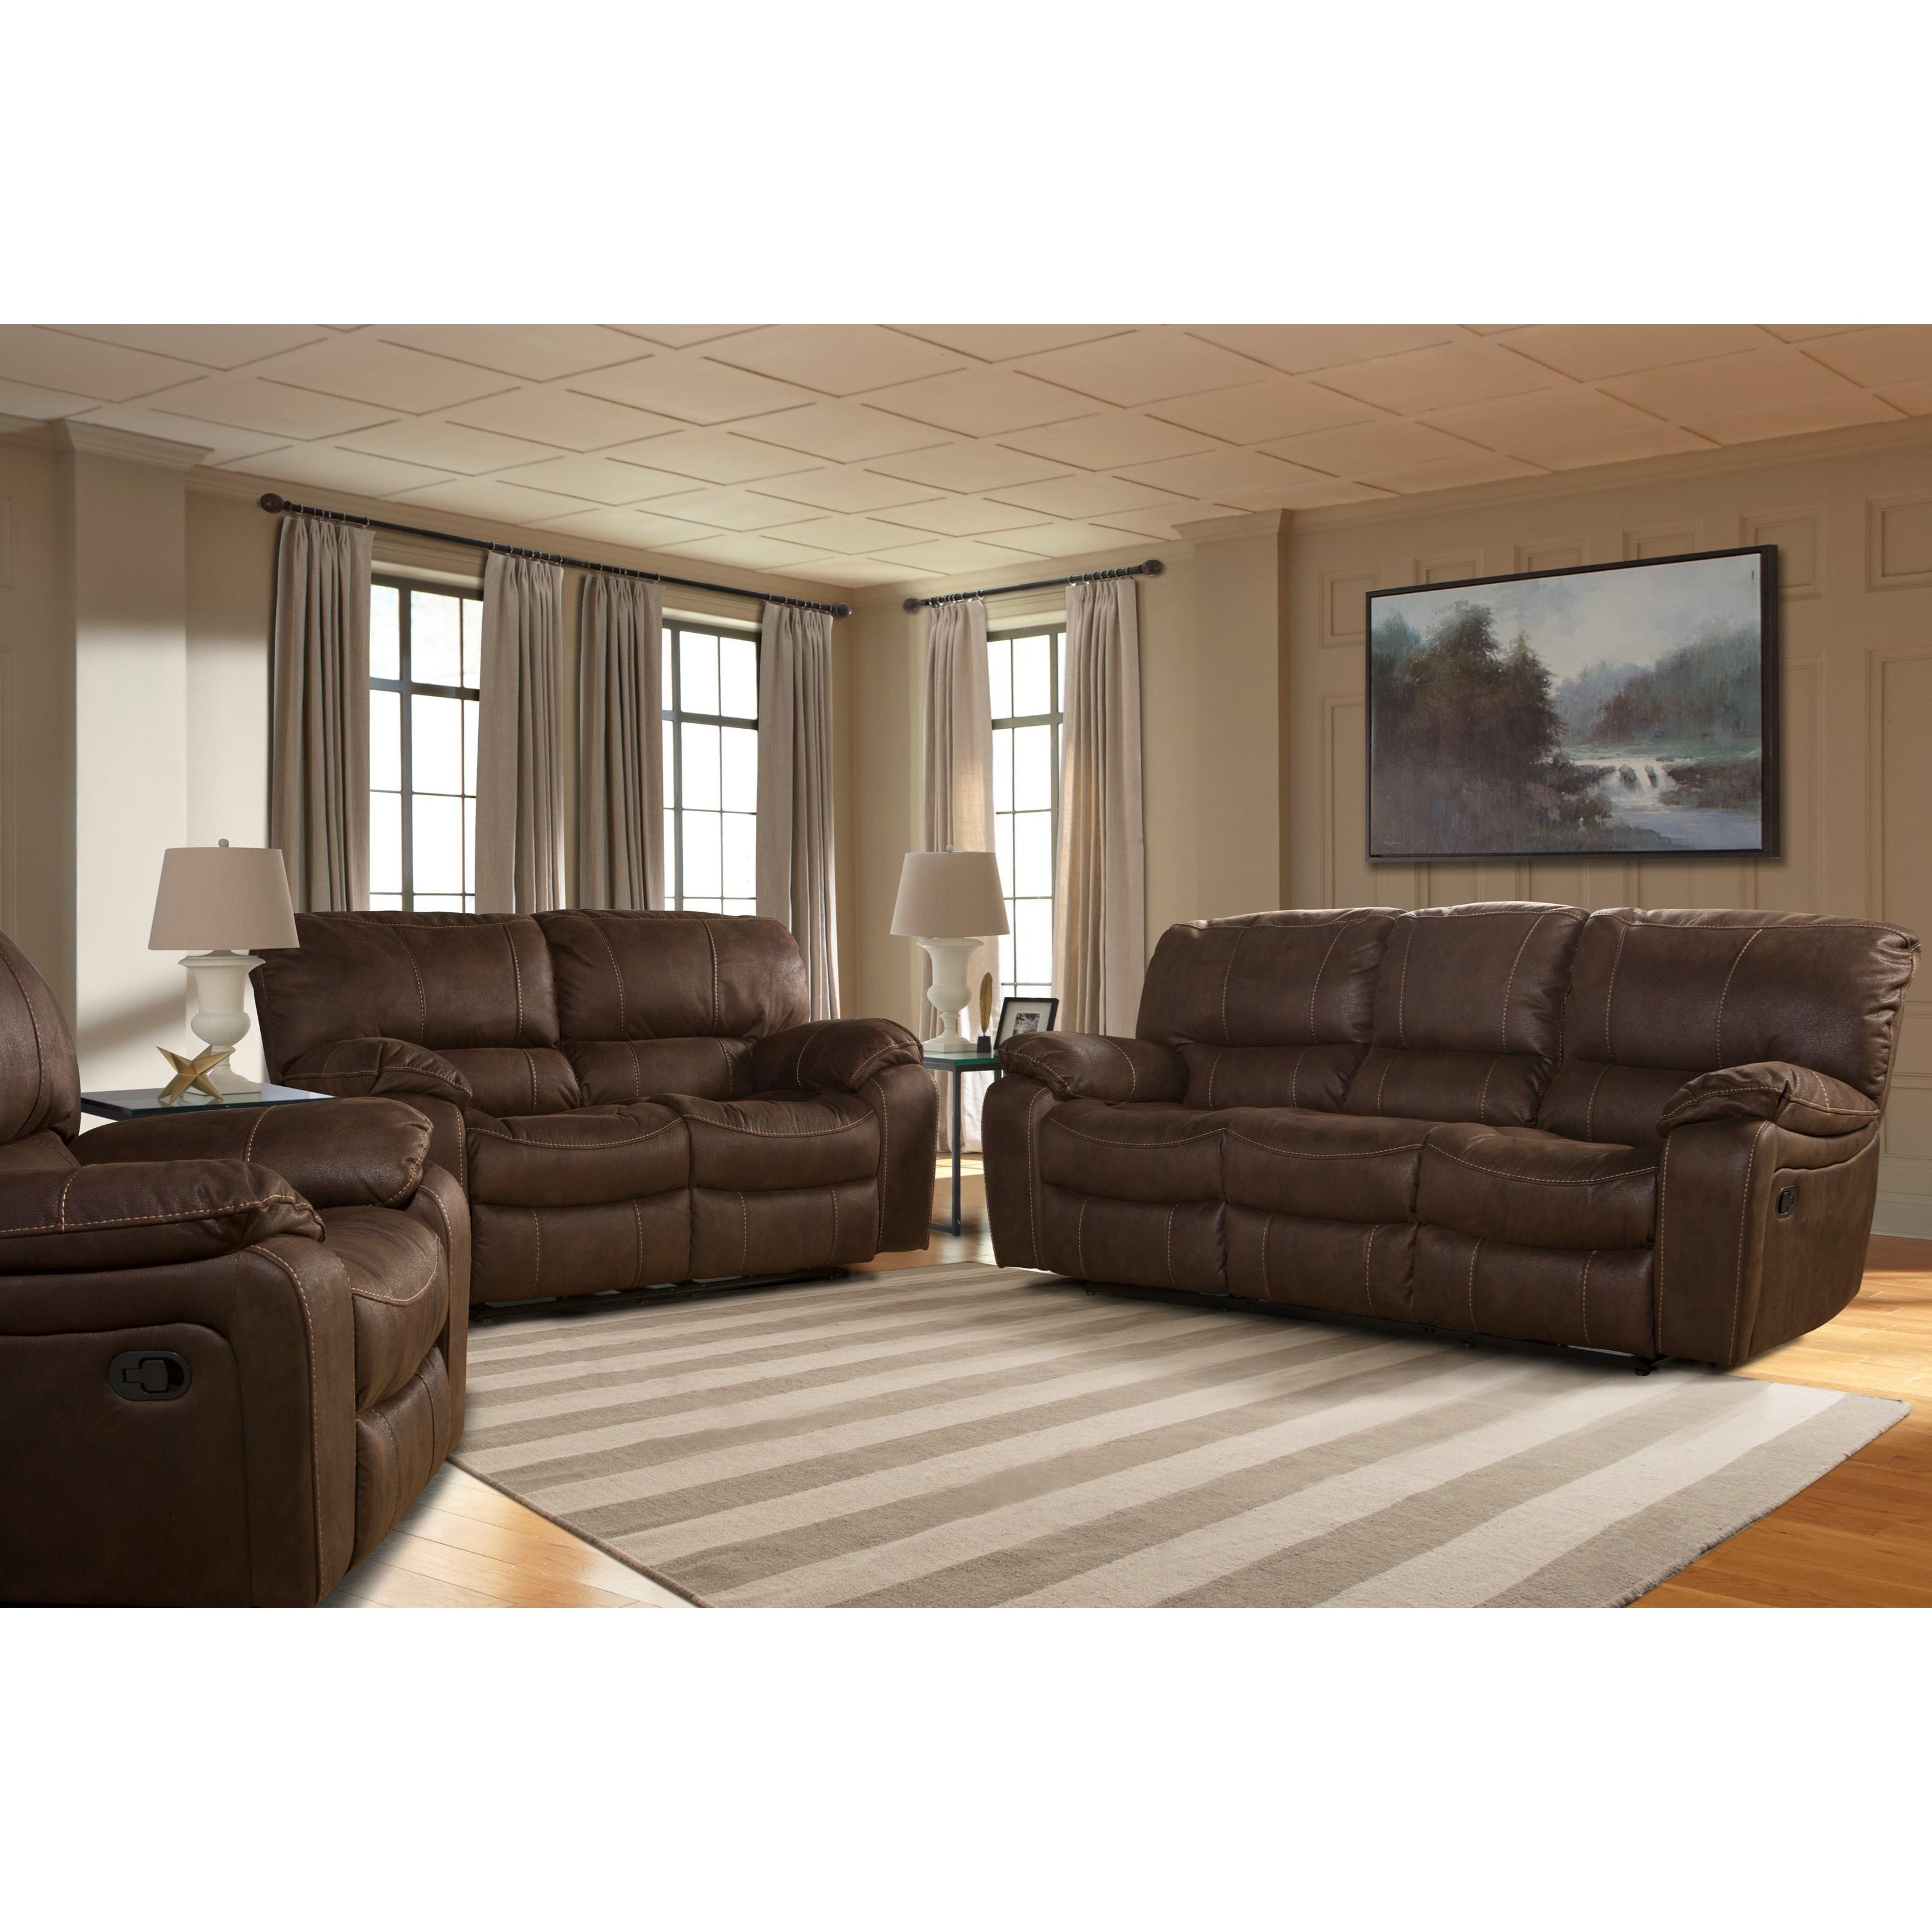 Parker Living Jupiter Reclining Living Room Group - Item Number: MJUP Reclining Living Room Group 2